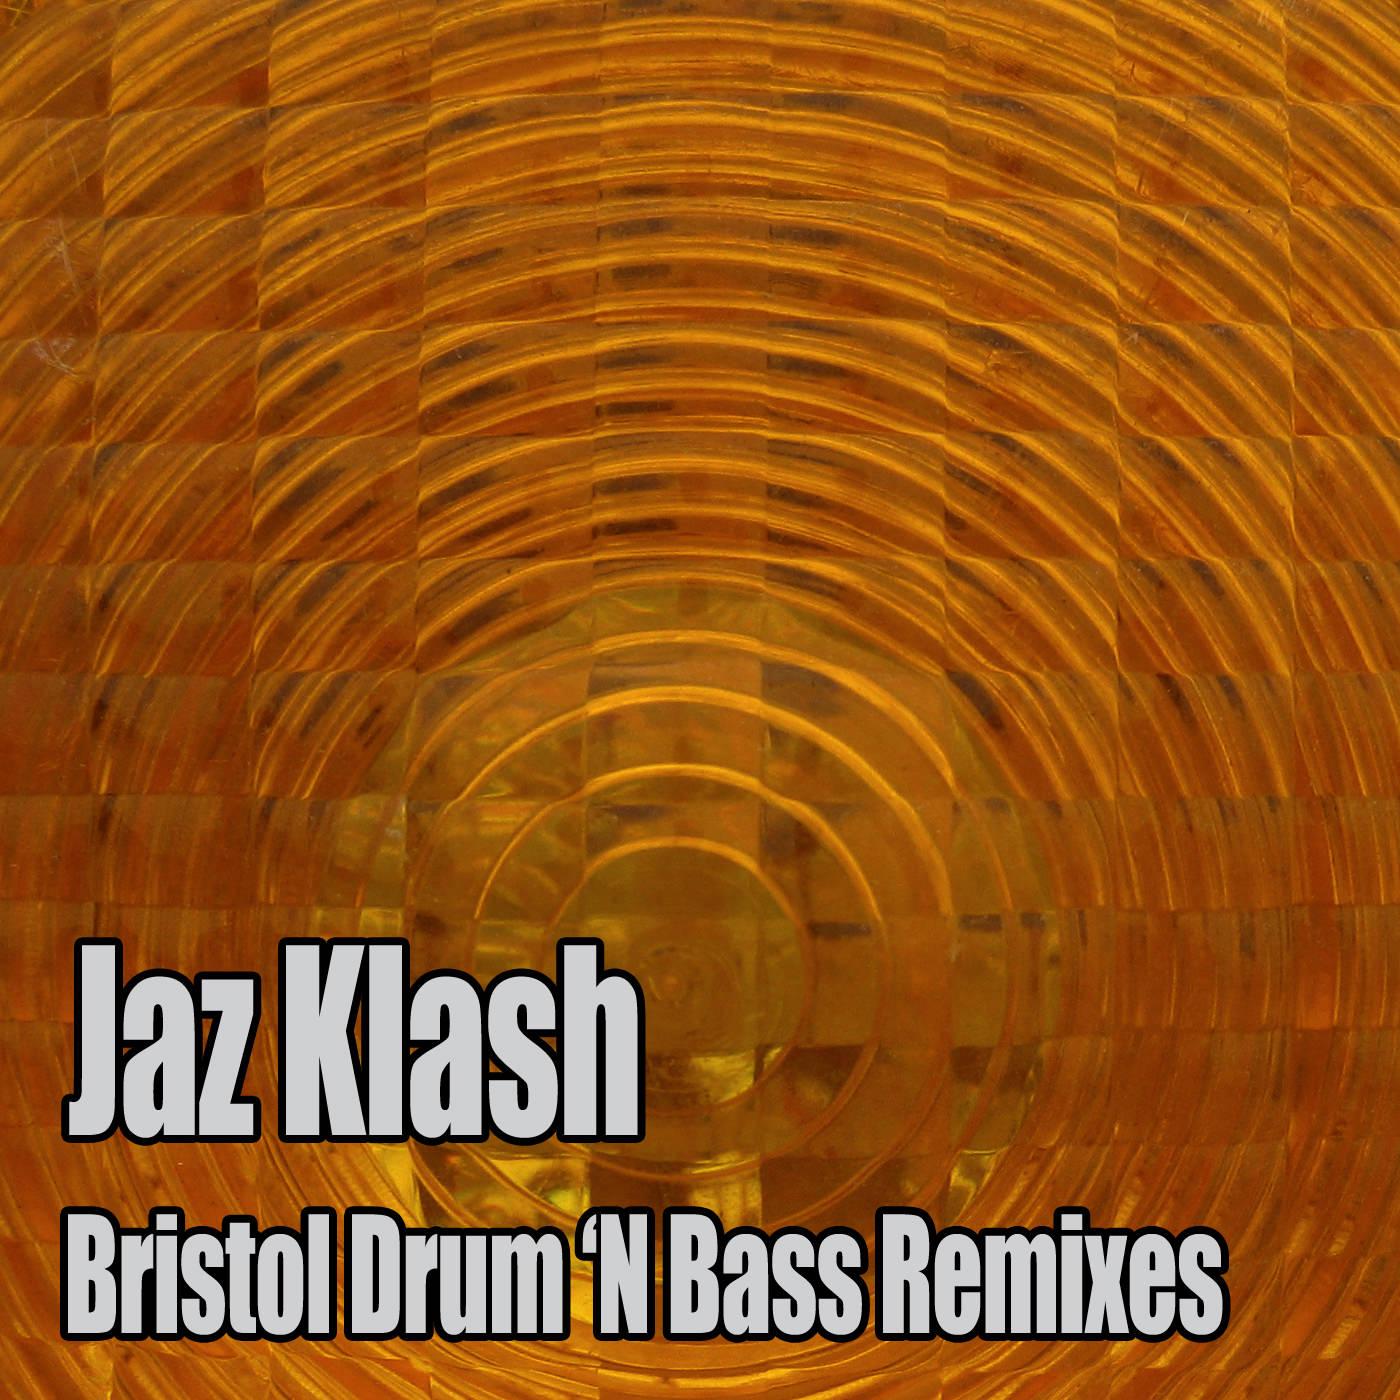 """Jaz Flash """"Bristol Drum 'N Bass Remixes"""